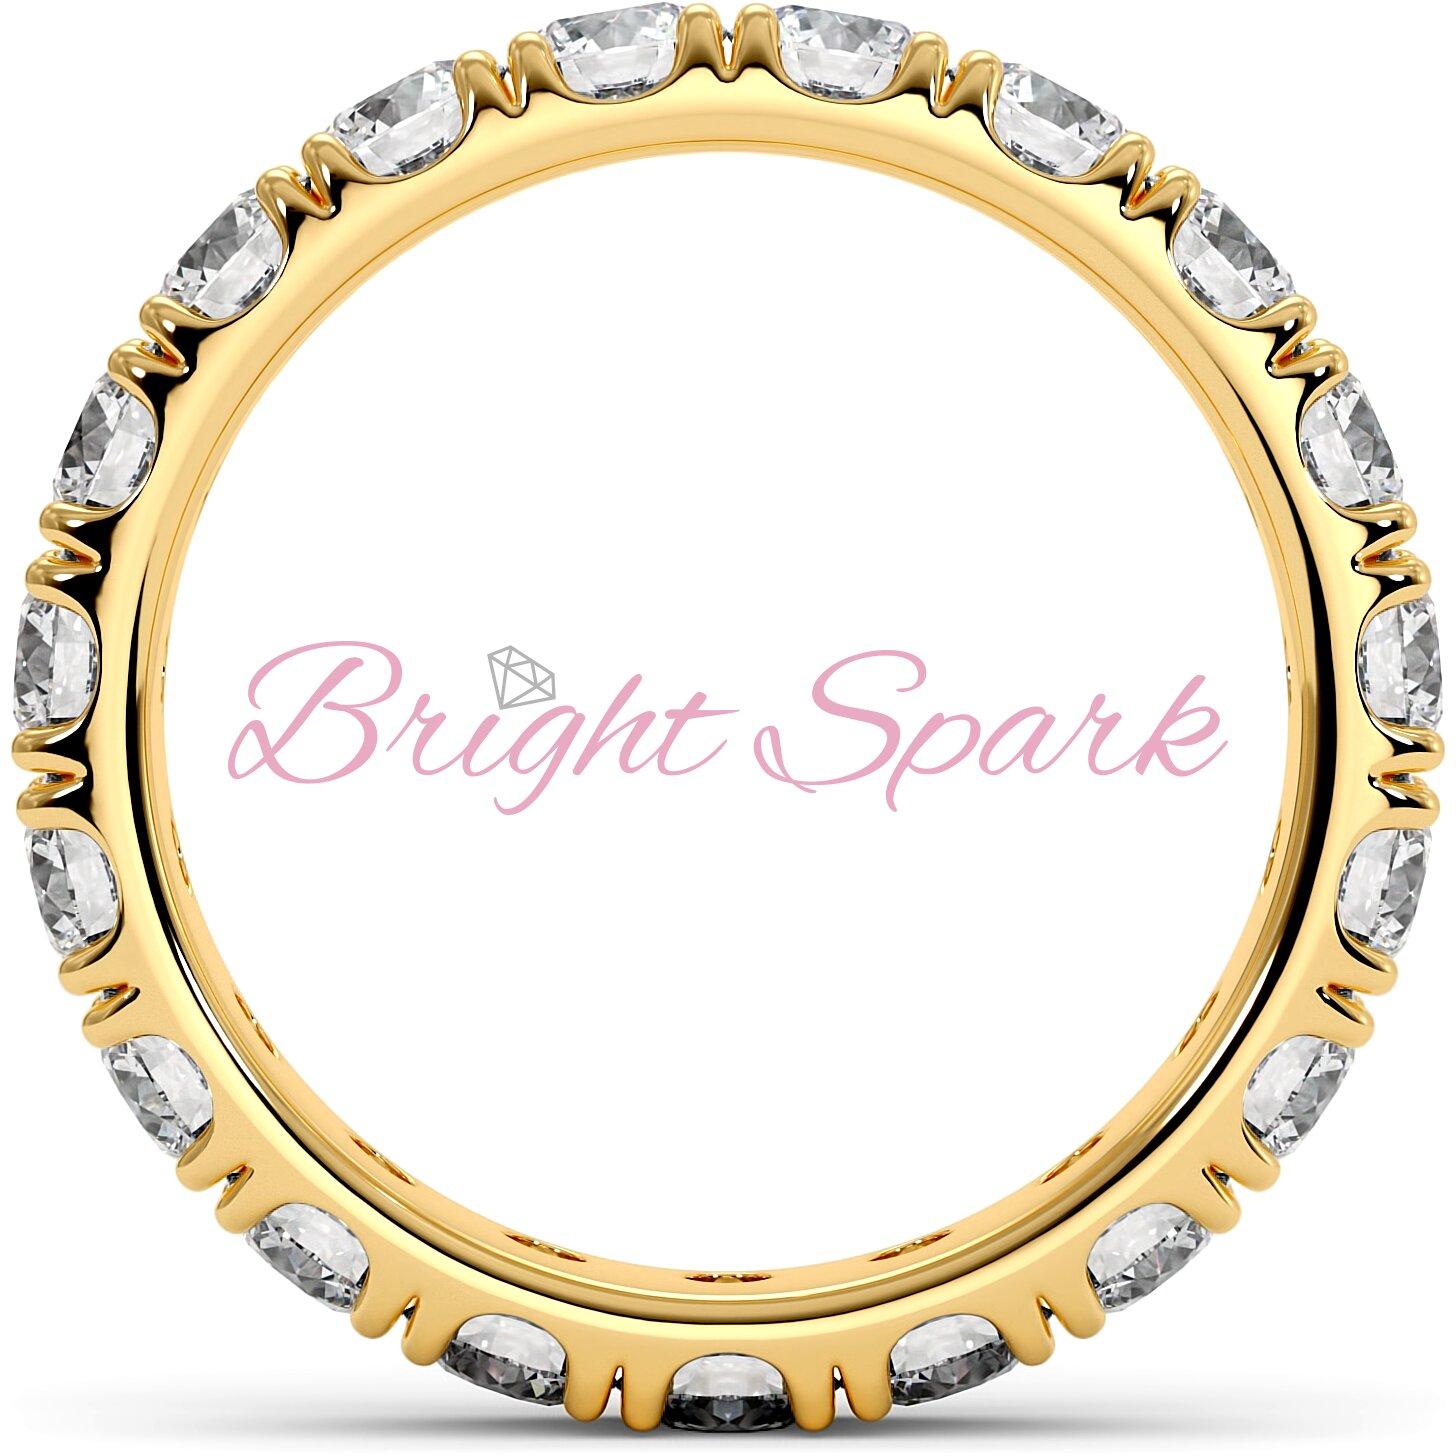 Изящное кольцо желтого золота с камнями по кругу